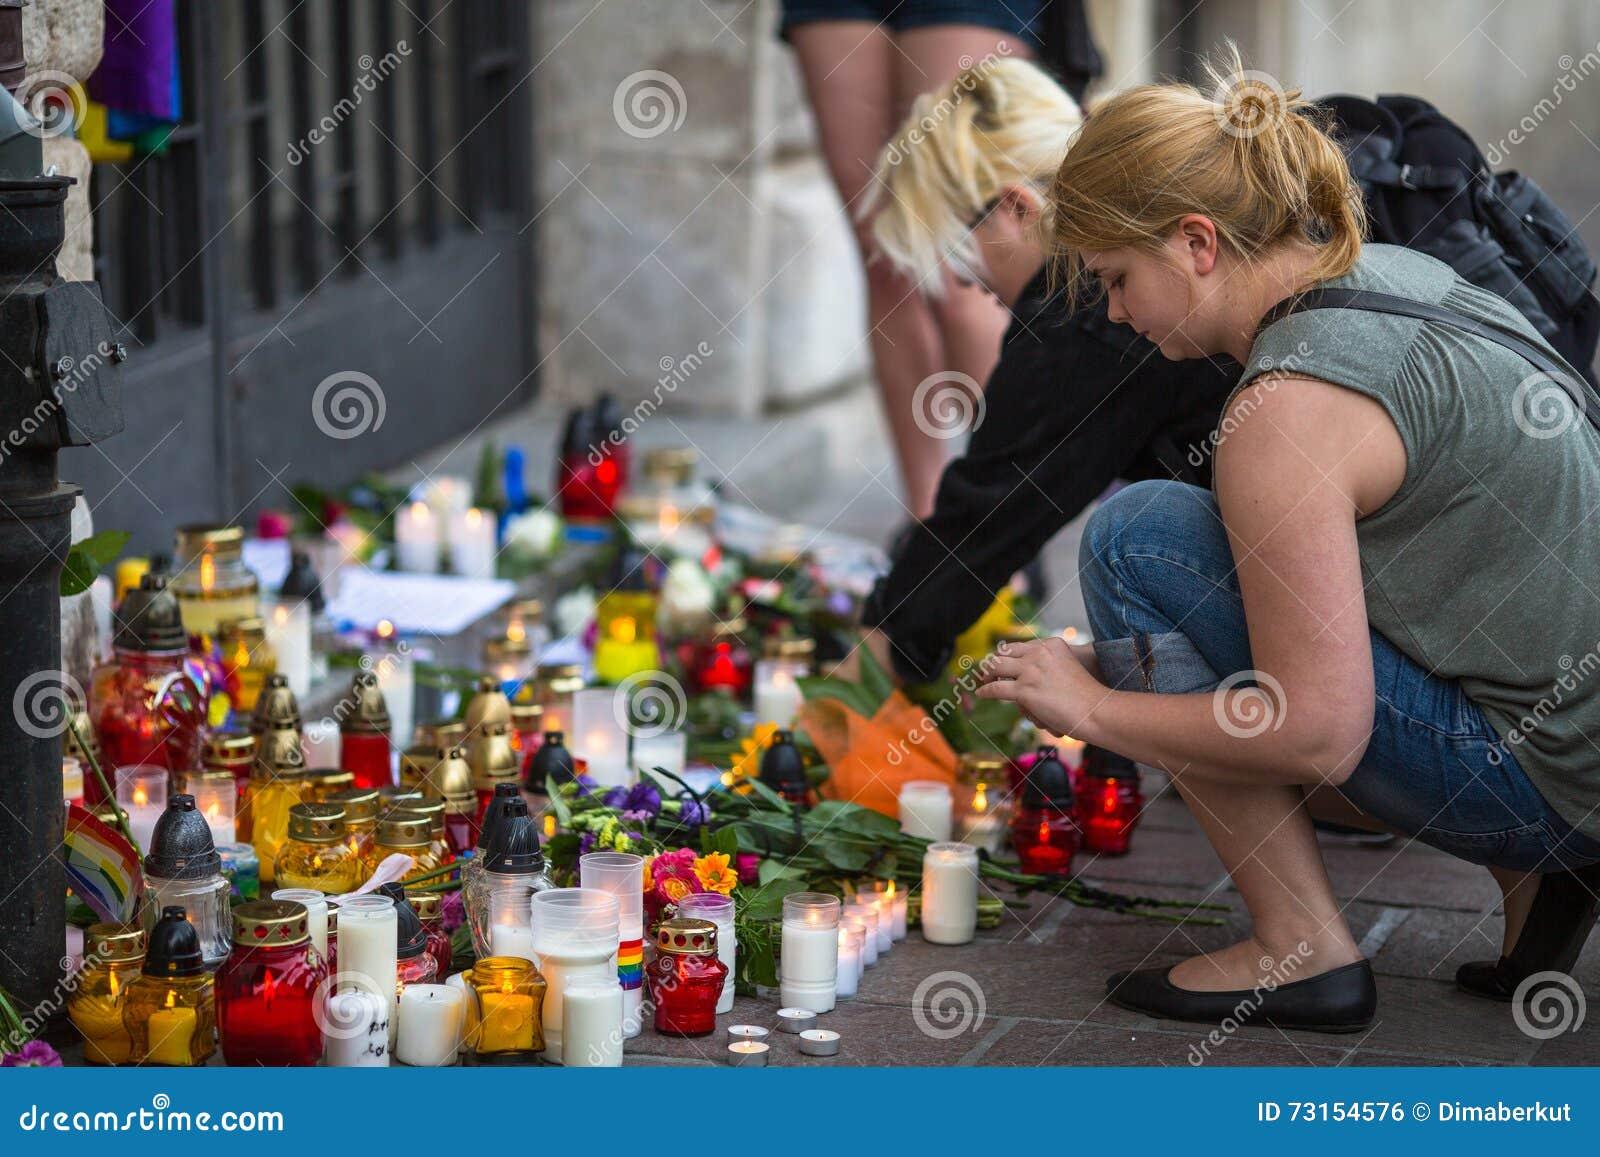 Acción cerca del consulado americano en memoria de las víctimas de la masacre en pulso gay popular del club en Orlando